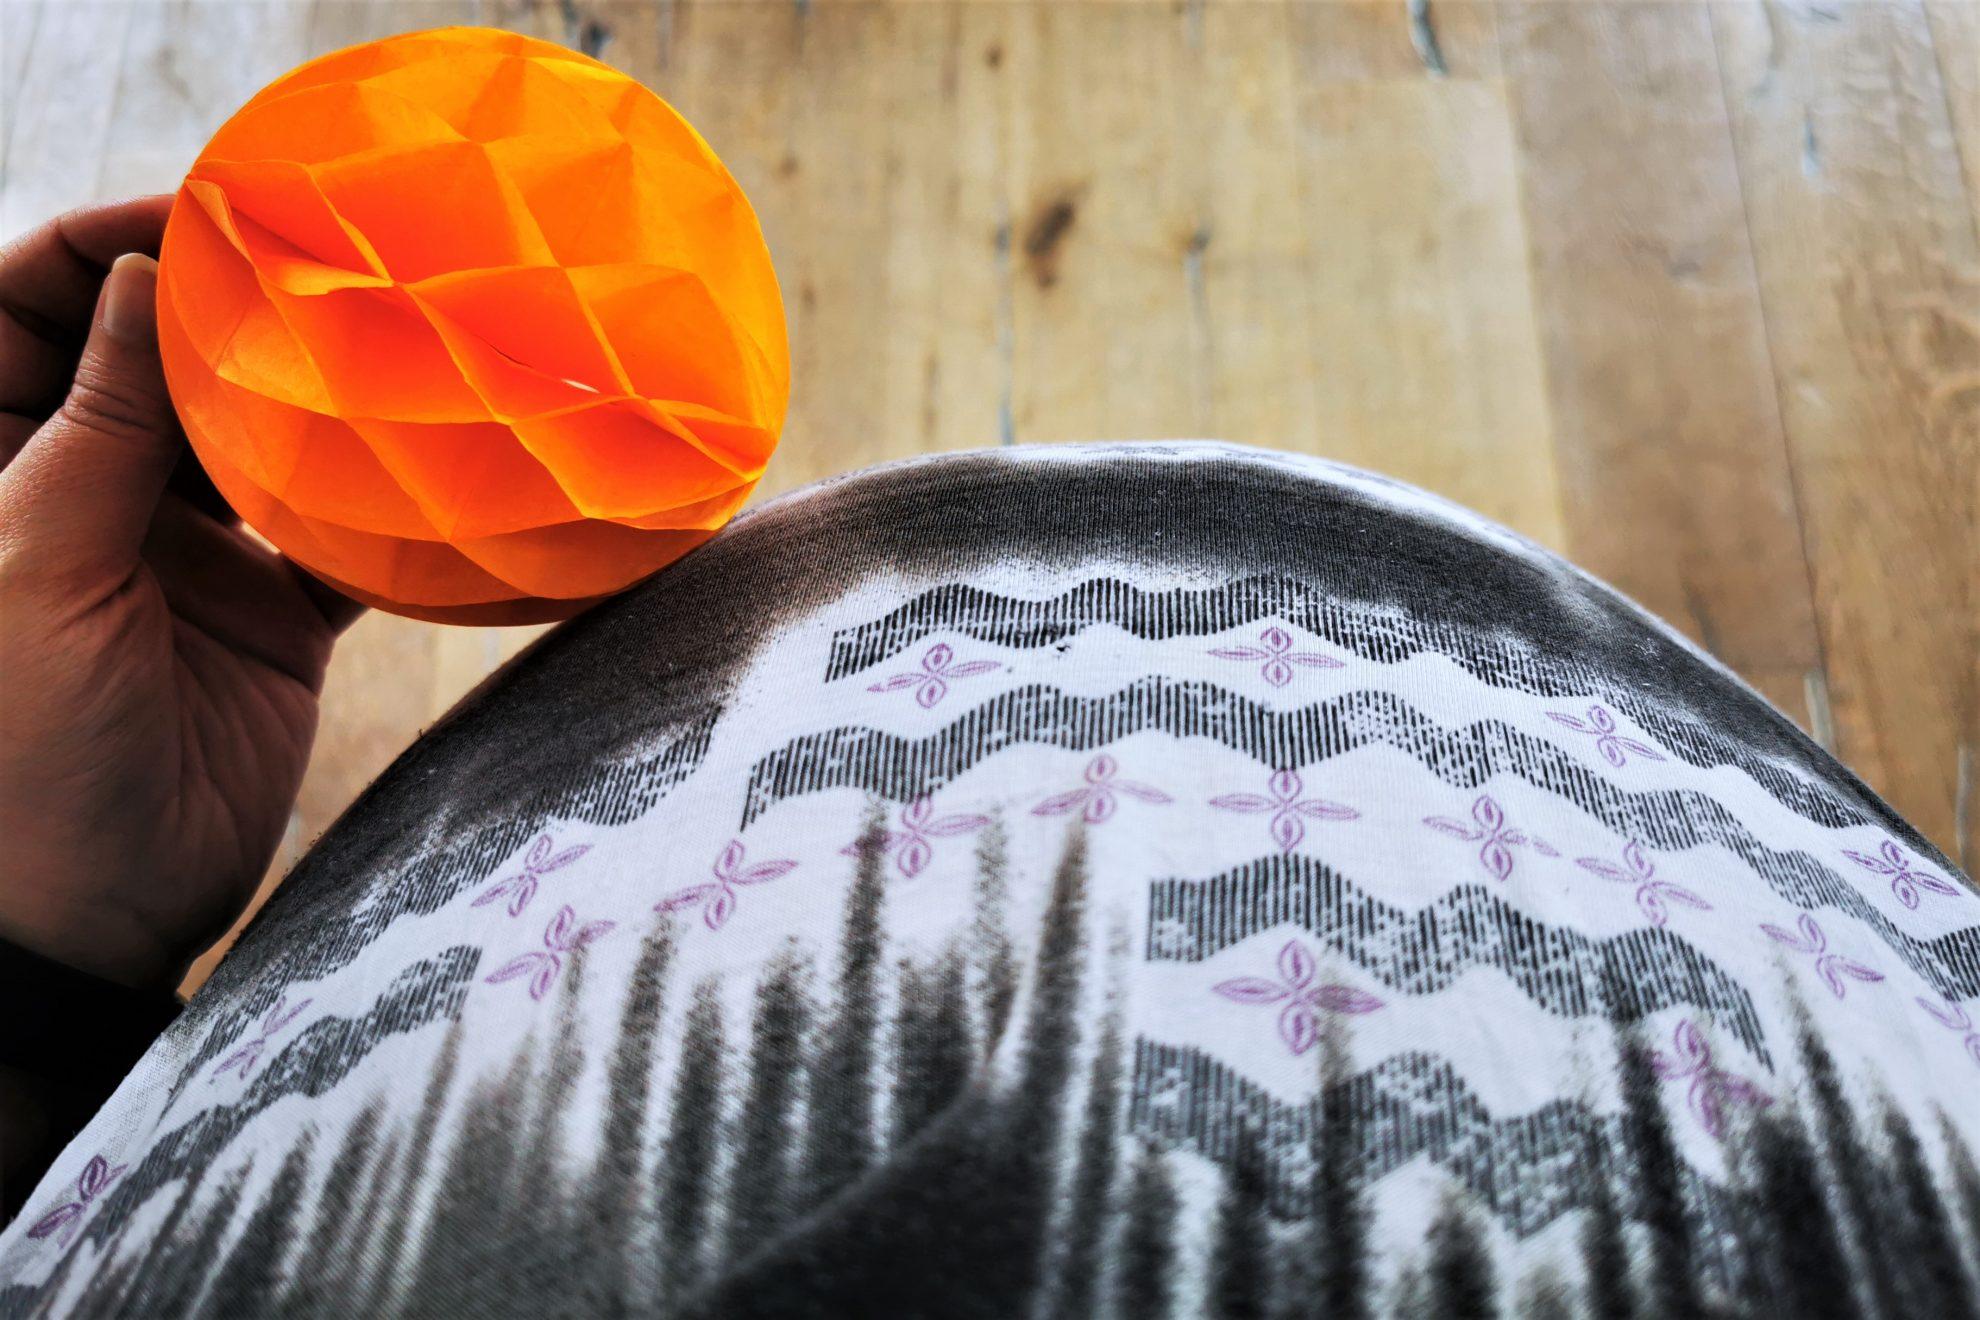 23 Wochen schwanger - die 24. Schwangerschaftswoche mit dem 6. Kind. Über Gelüste, Abneigungen, Shopping und die Entwicklung unseres Kindes.